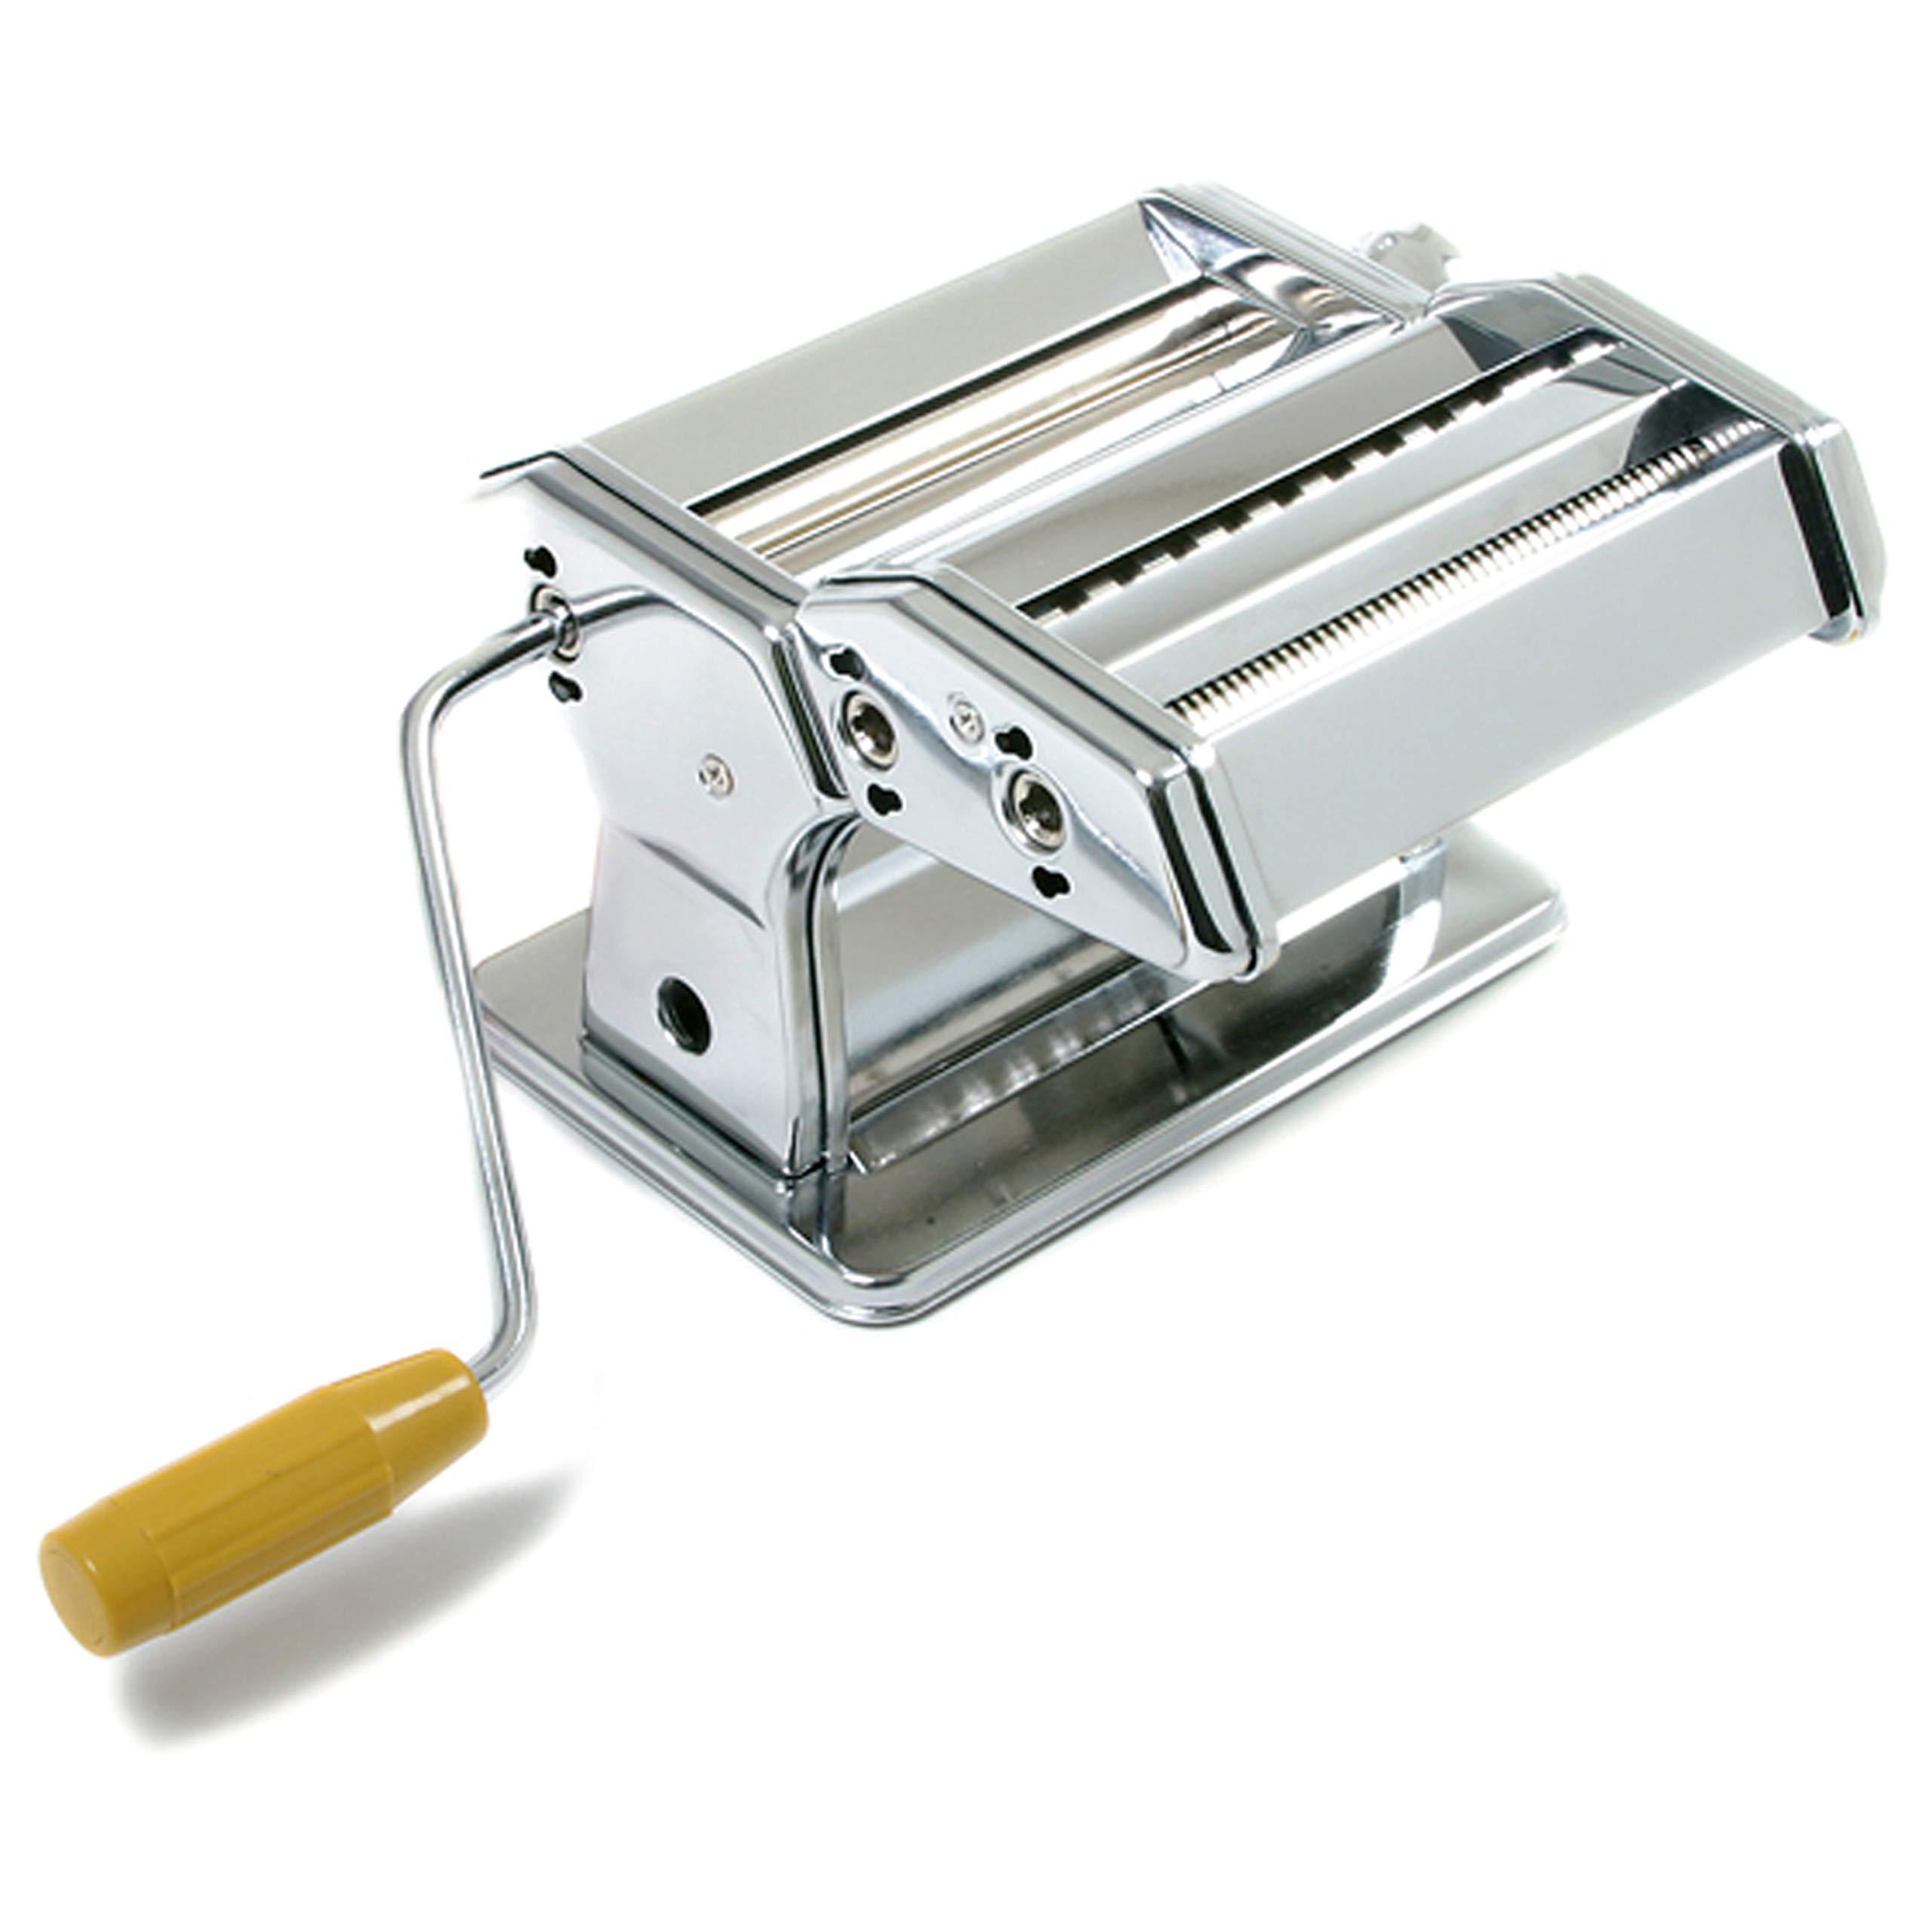 Norpro Pasta Machine by Norpro